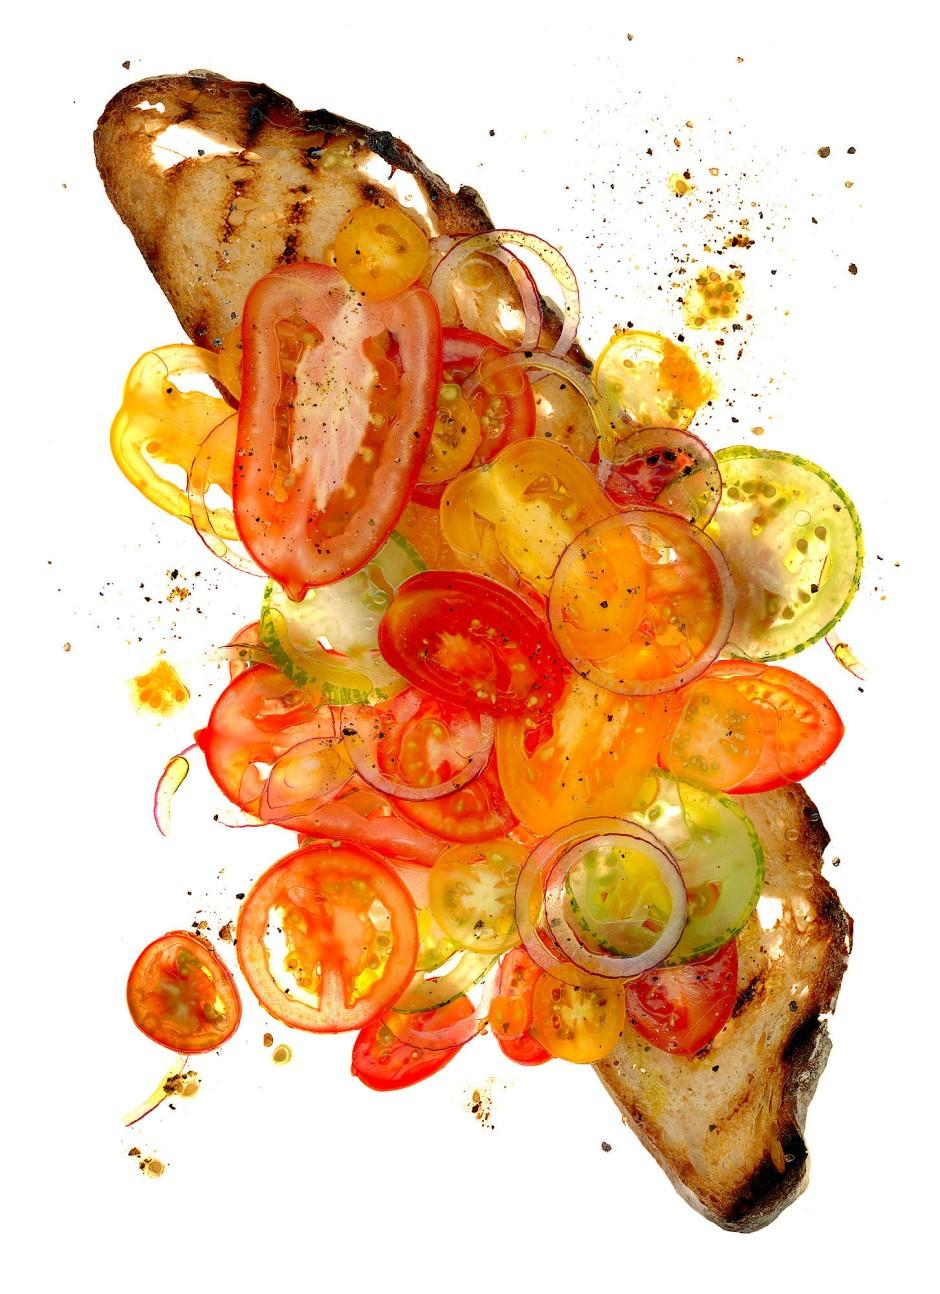 Tomatenstulle: Gegrillte Scheibe vom Weizenmischbrot, Tomatenscheiben, rote Zwiebeln, Meersalz, schwarzer Pfeffer, Olivenöl